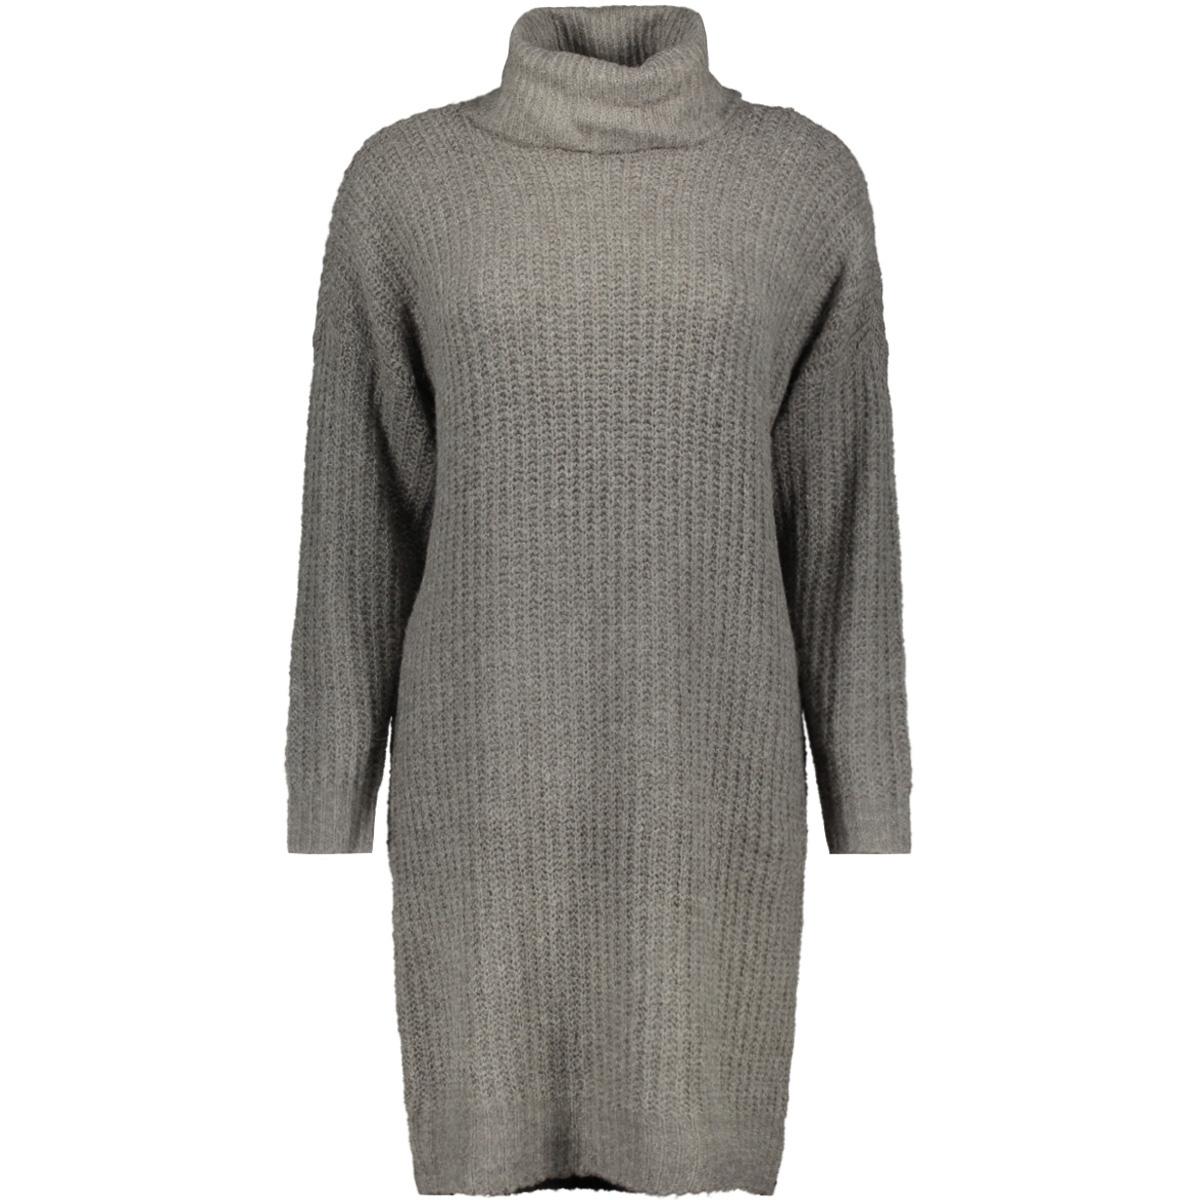 onlvega l/s rollneck dress knt 15160724 only jurk dark grey melange